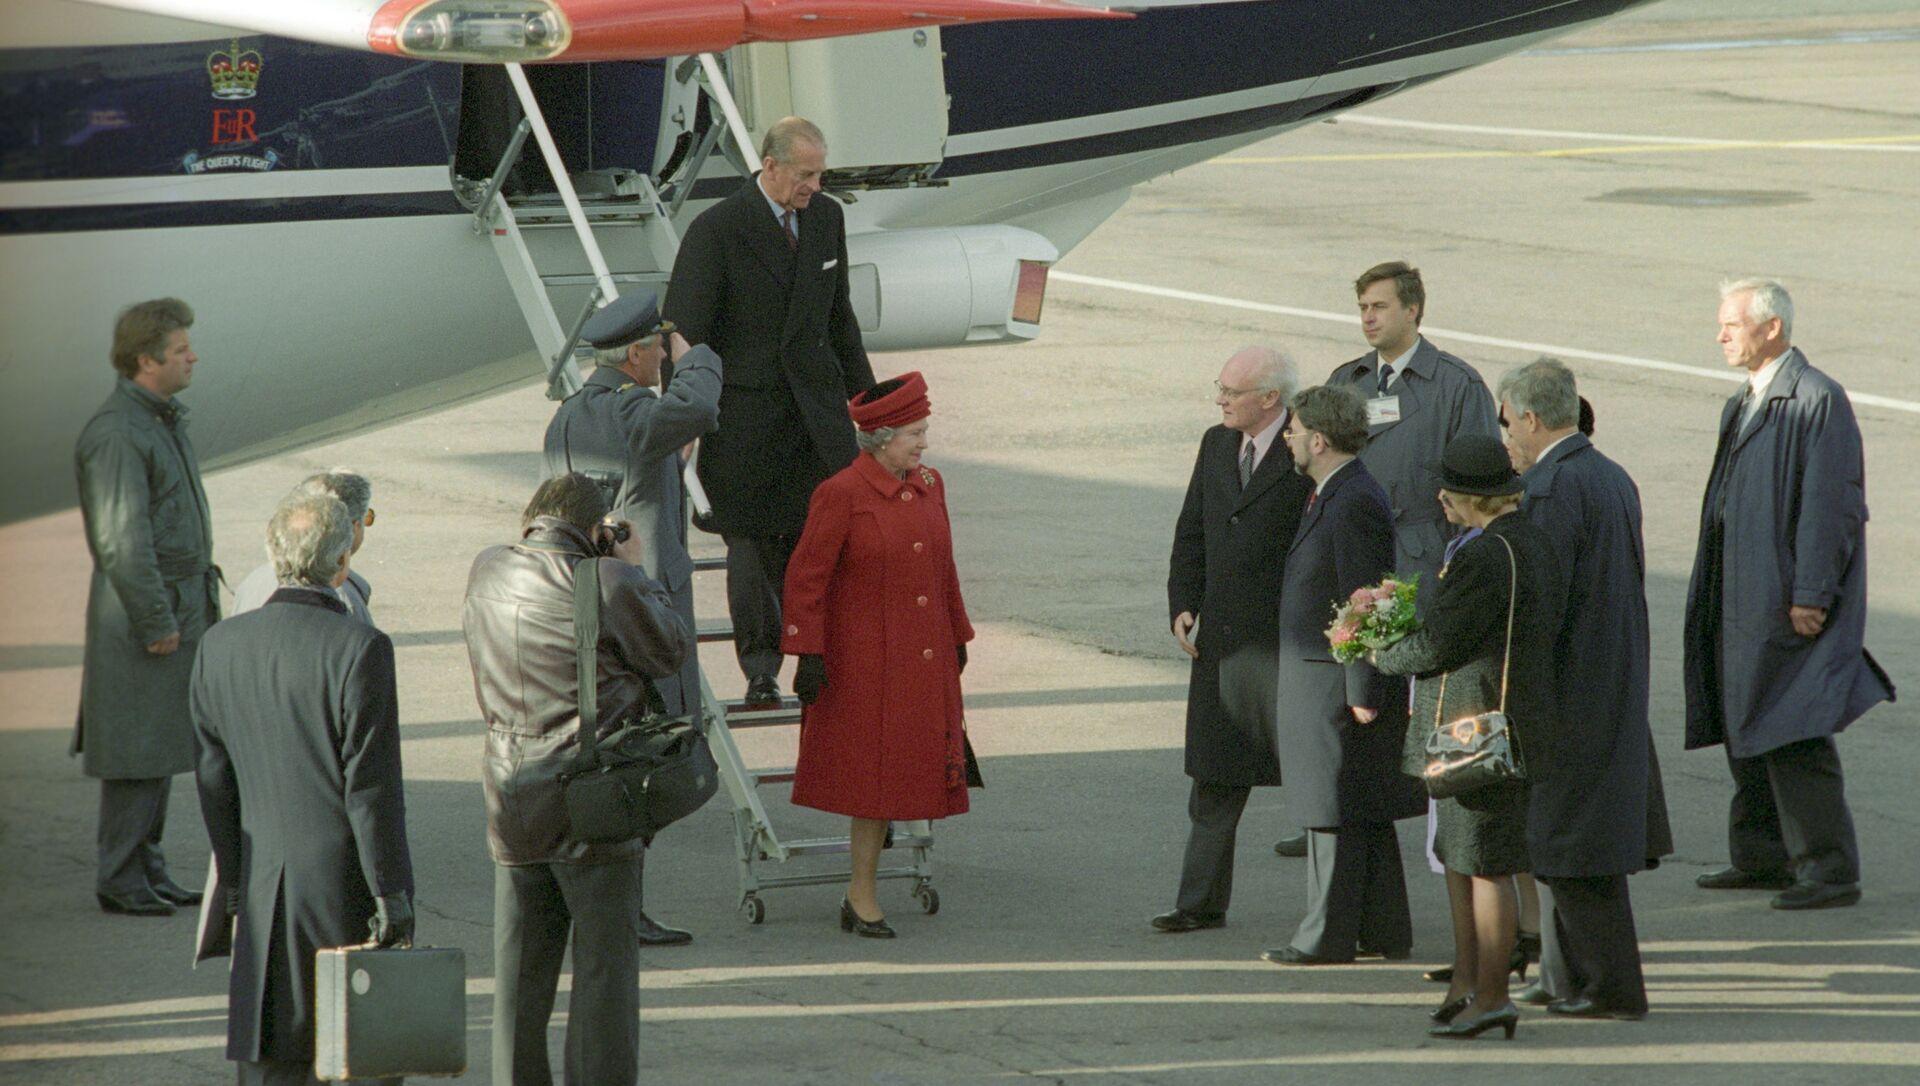 La regina Elisabetta dice addio alla sua flotta aerea: dovrà condividere il jet con Boris Johnson - Sputnik Italia, 1920, 06.03.2021